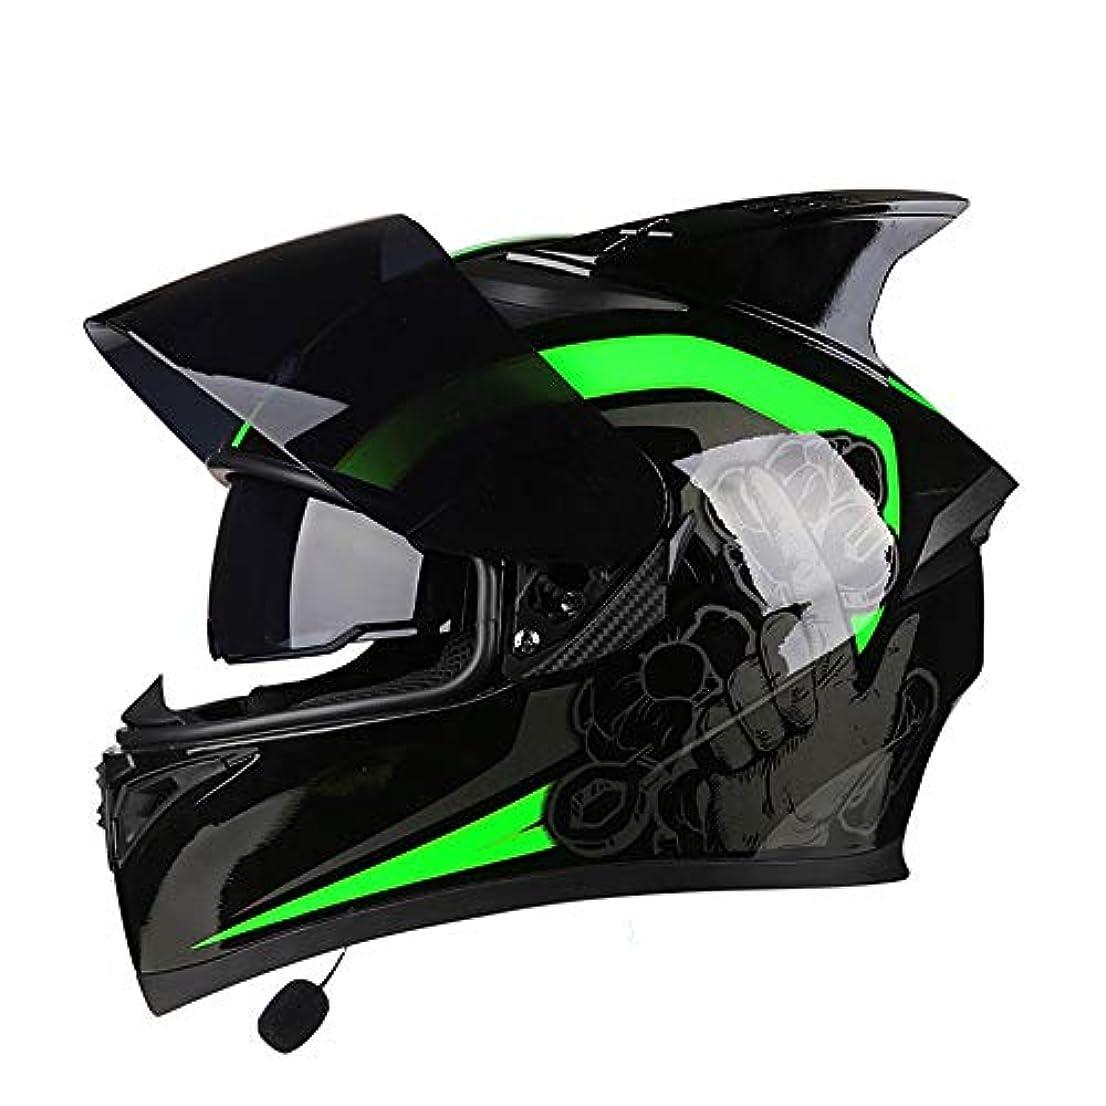 しょっぱい出版誤HYH オートバイ四季のbluetoothヘッドセットフルフェイスヘルメットカラフルなレンズダブルレンズファッション通気性コーナーライディングヘルメット いい人生 (色 : Have corner, Size : XL)